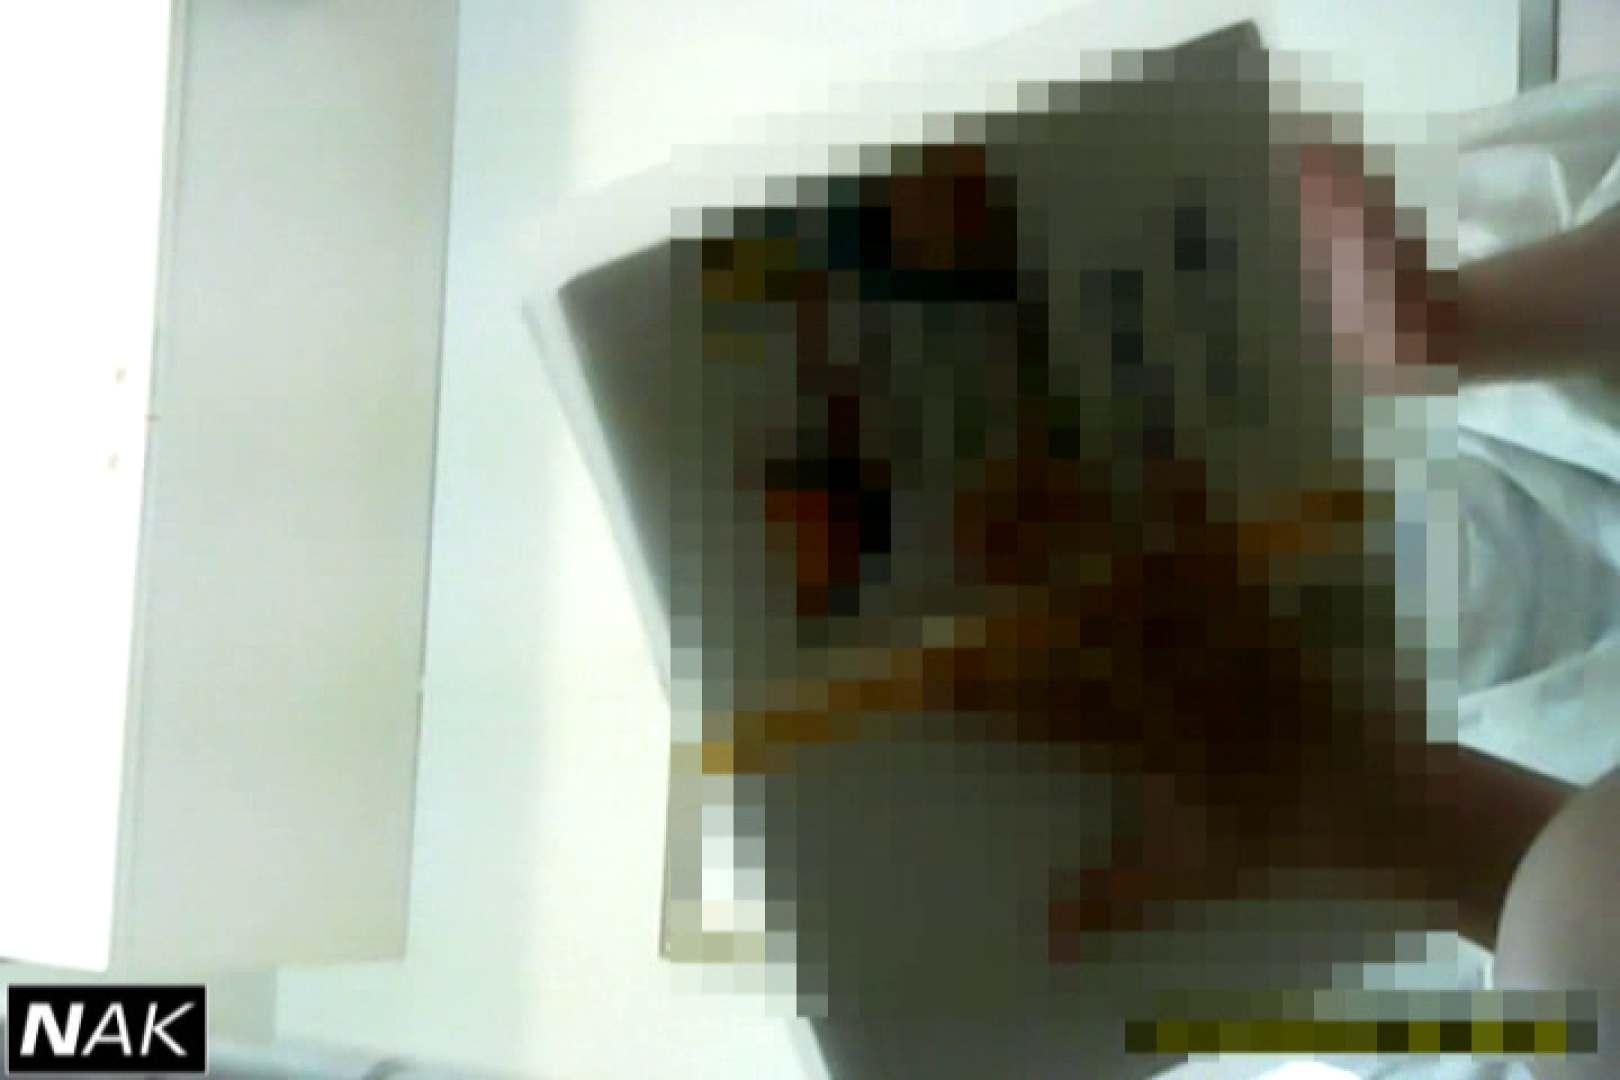 超高画質5000K!脅威の1点集中かわや! vol.01 オマンコ特別編 AV無料動画キャプチャ 71枚 57